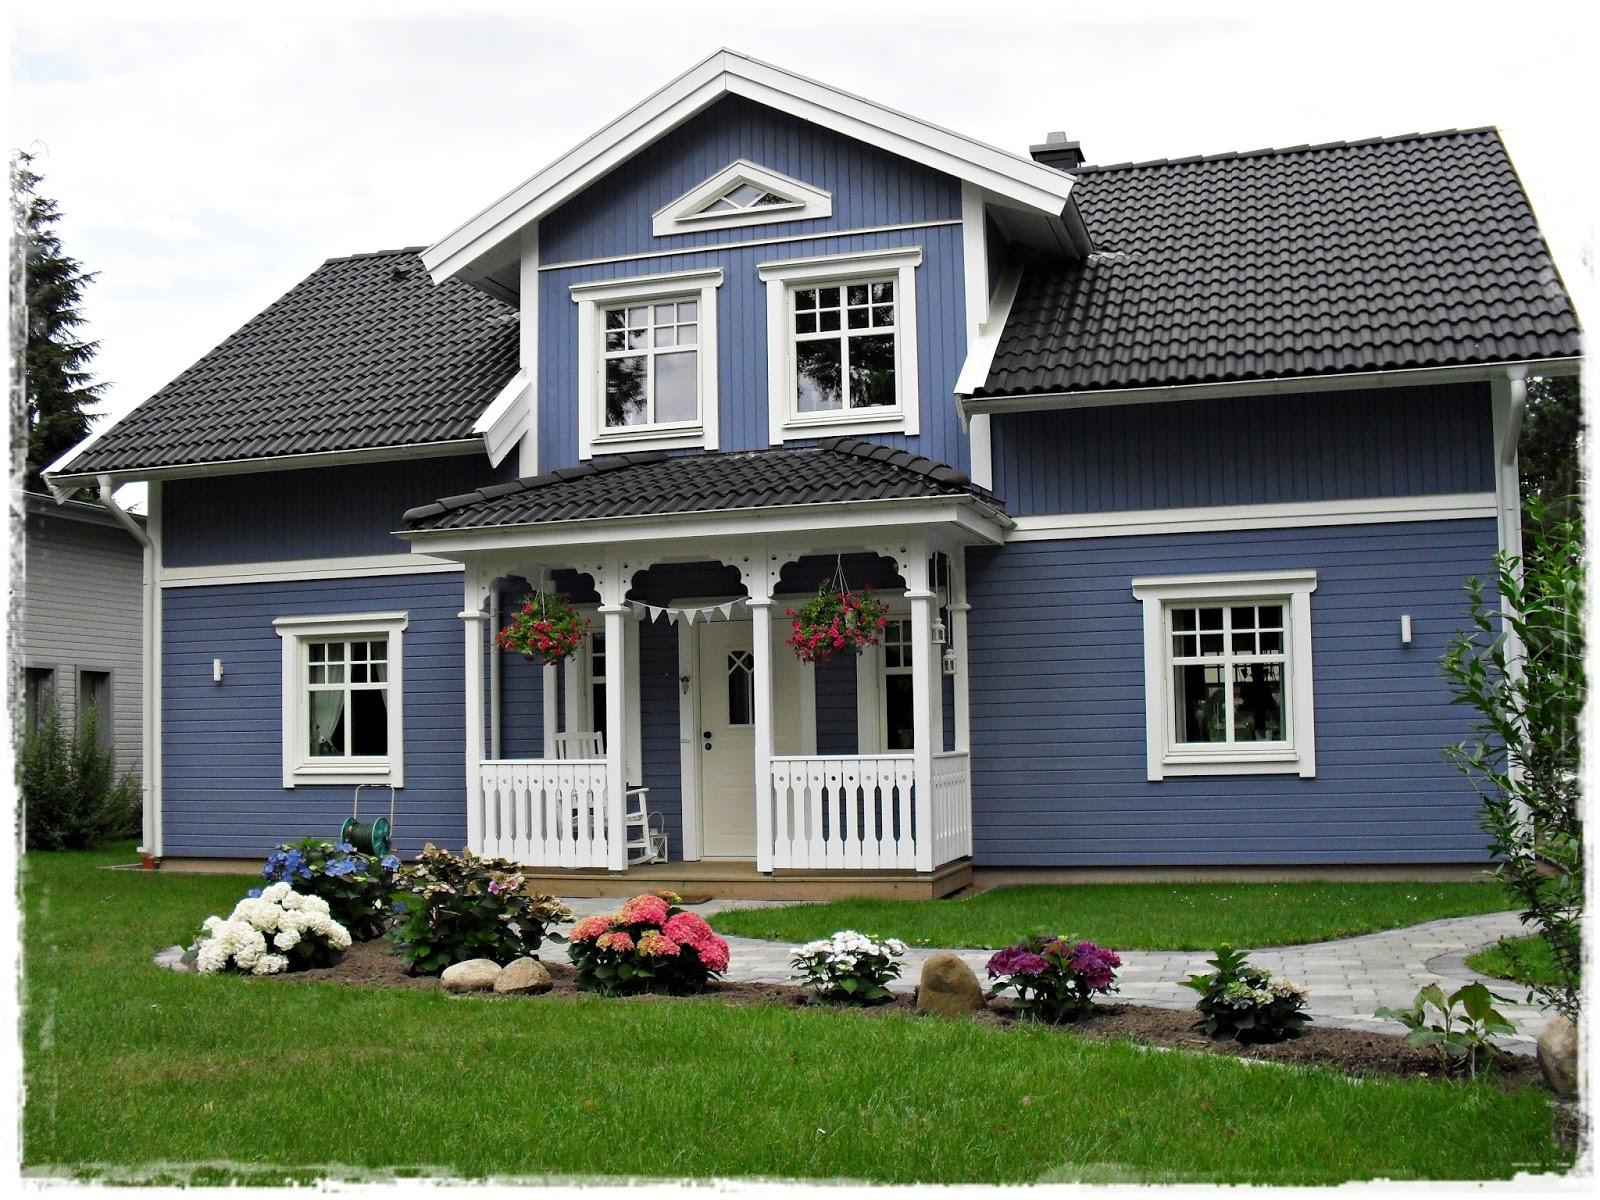 traditionelle landhausvilla baufritz einliegerwohnung fensterelemente glas holz holzbau holzhaus. Black Bedroom Furniture Sets. Home Design Ideas